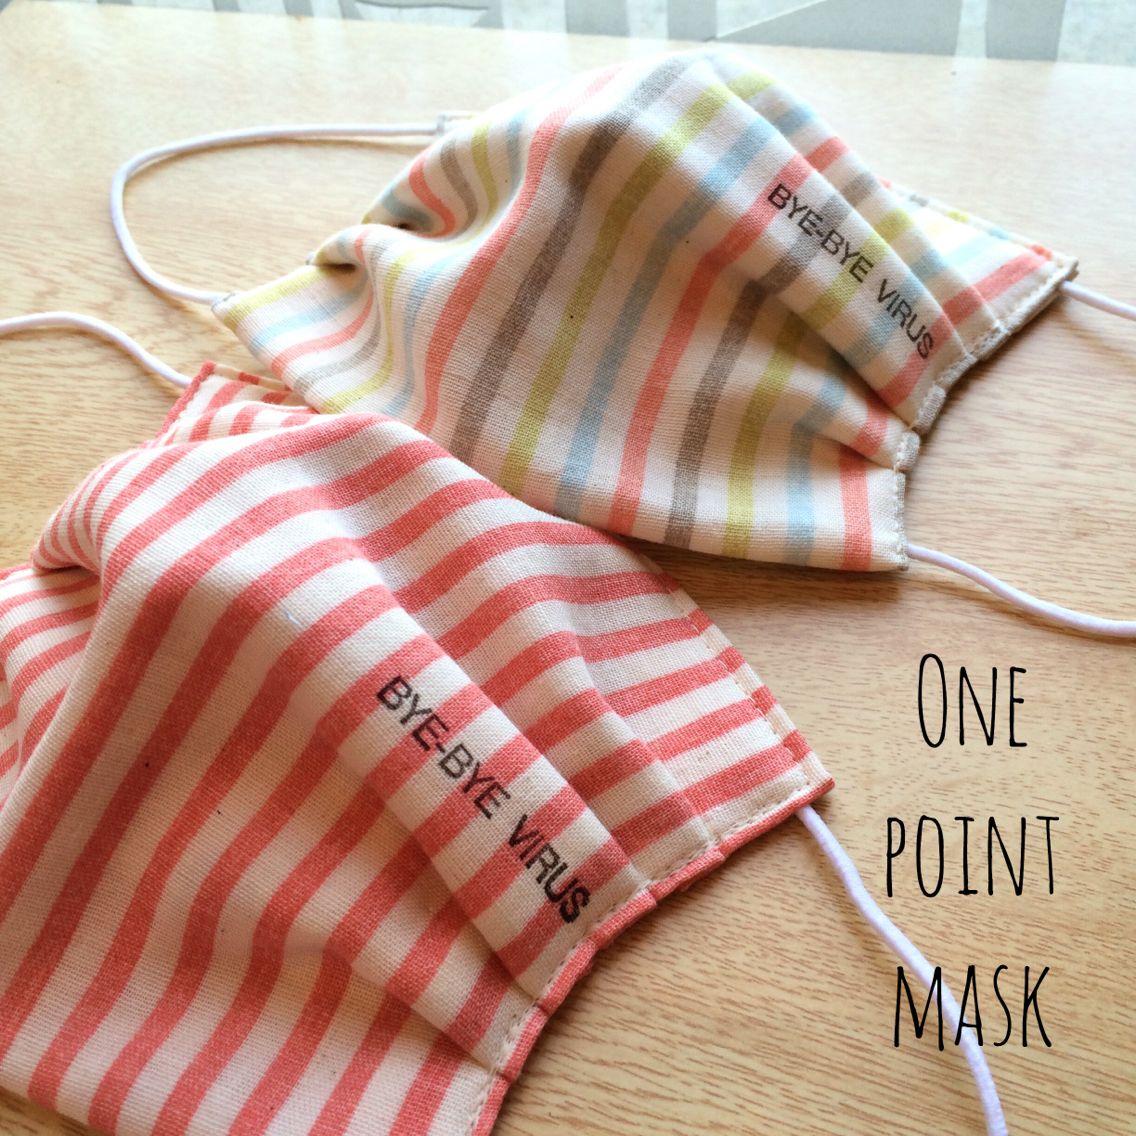 プリーツ マスク 手作り 手縫い プリーツマスクの作り方 手縫いで簡単布マスク作り方